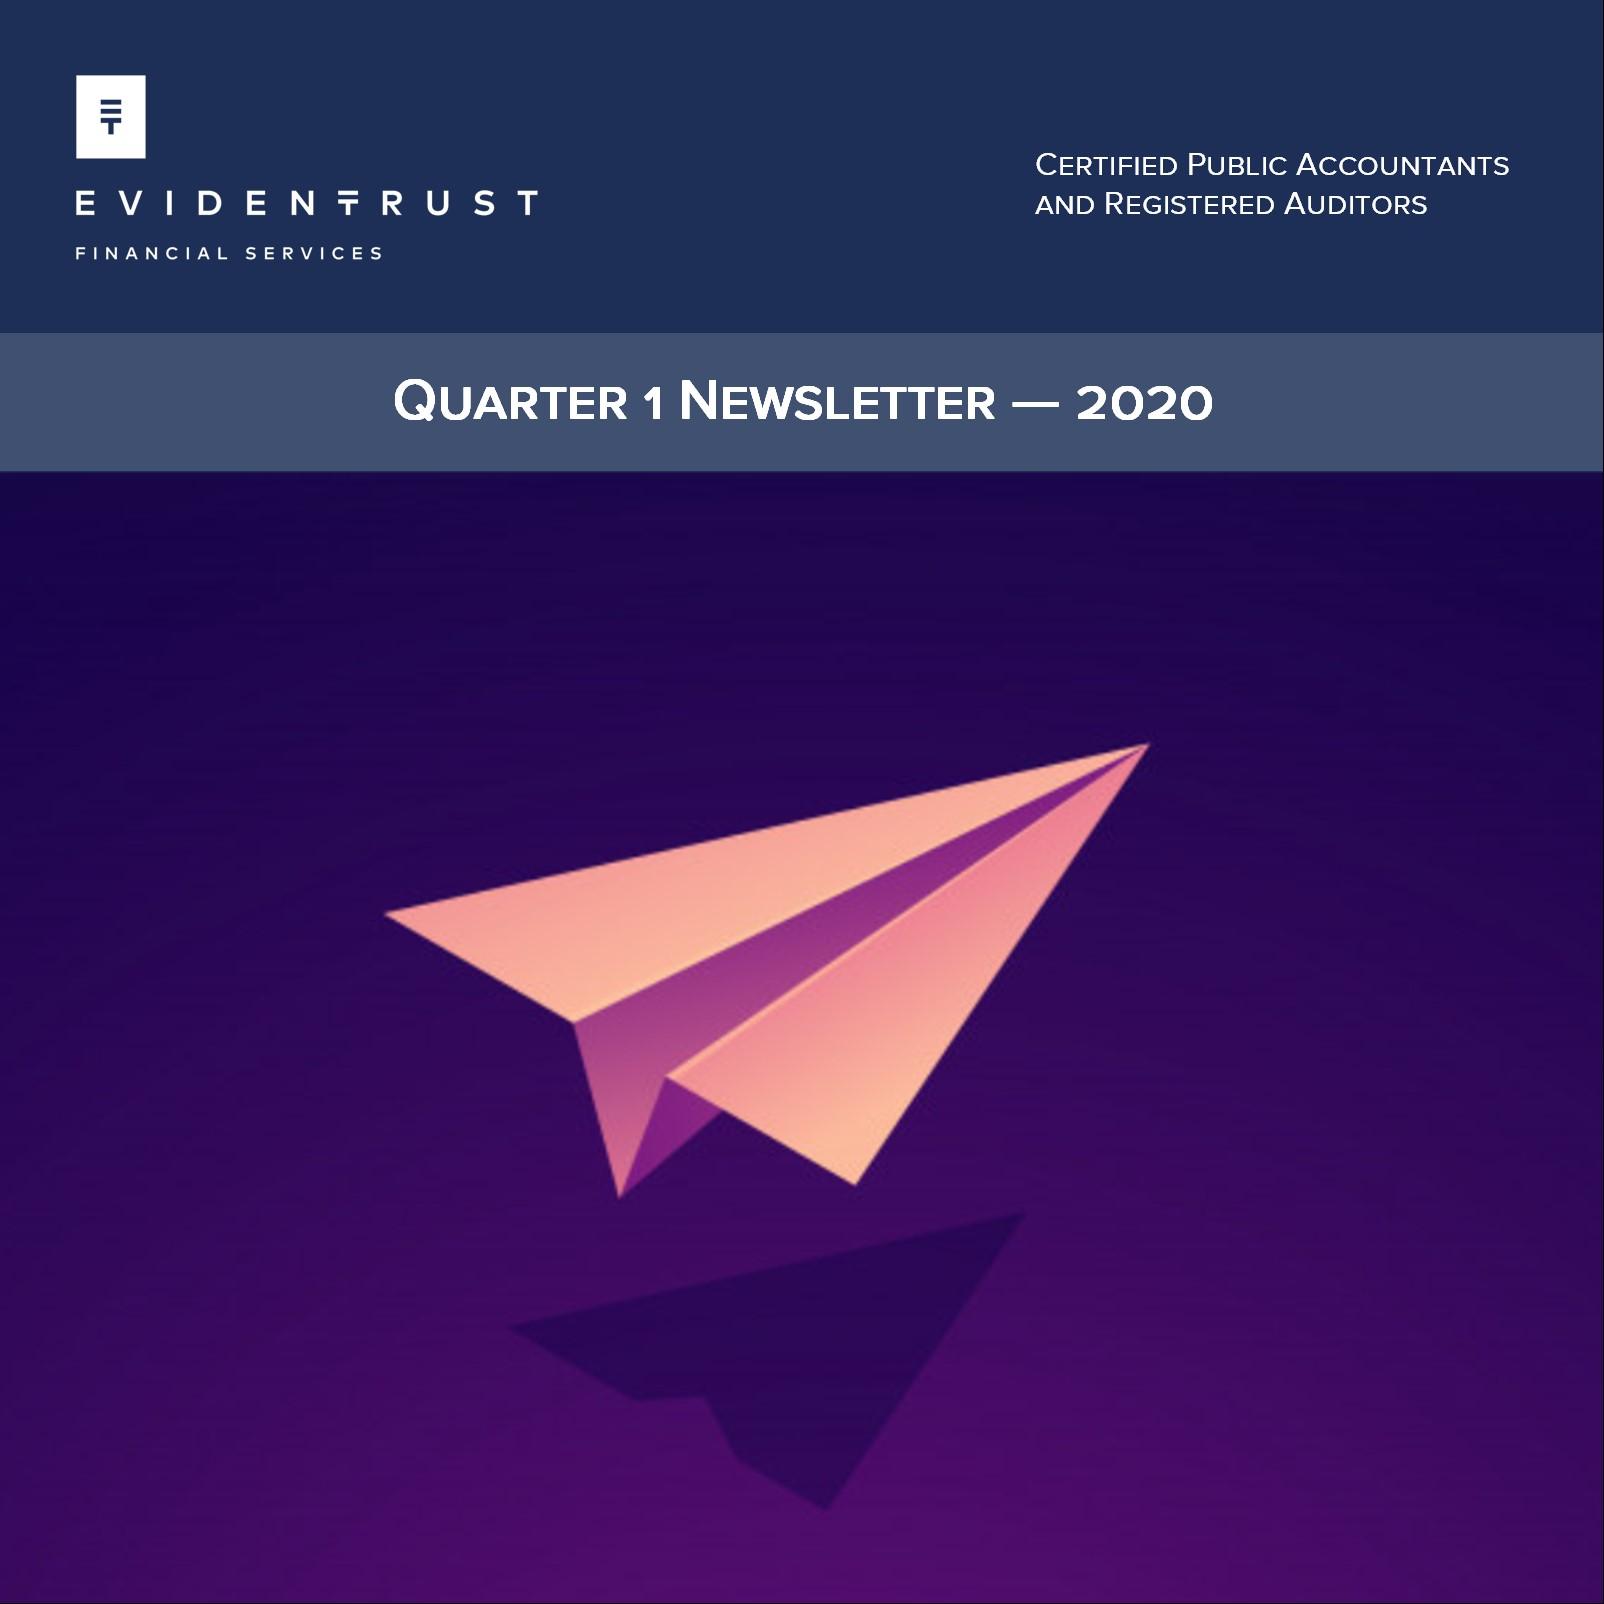 Quarter 1 Newsletter – 2020